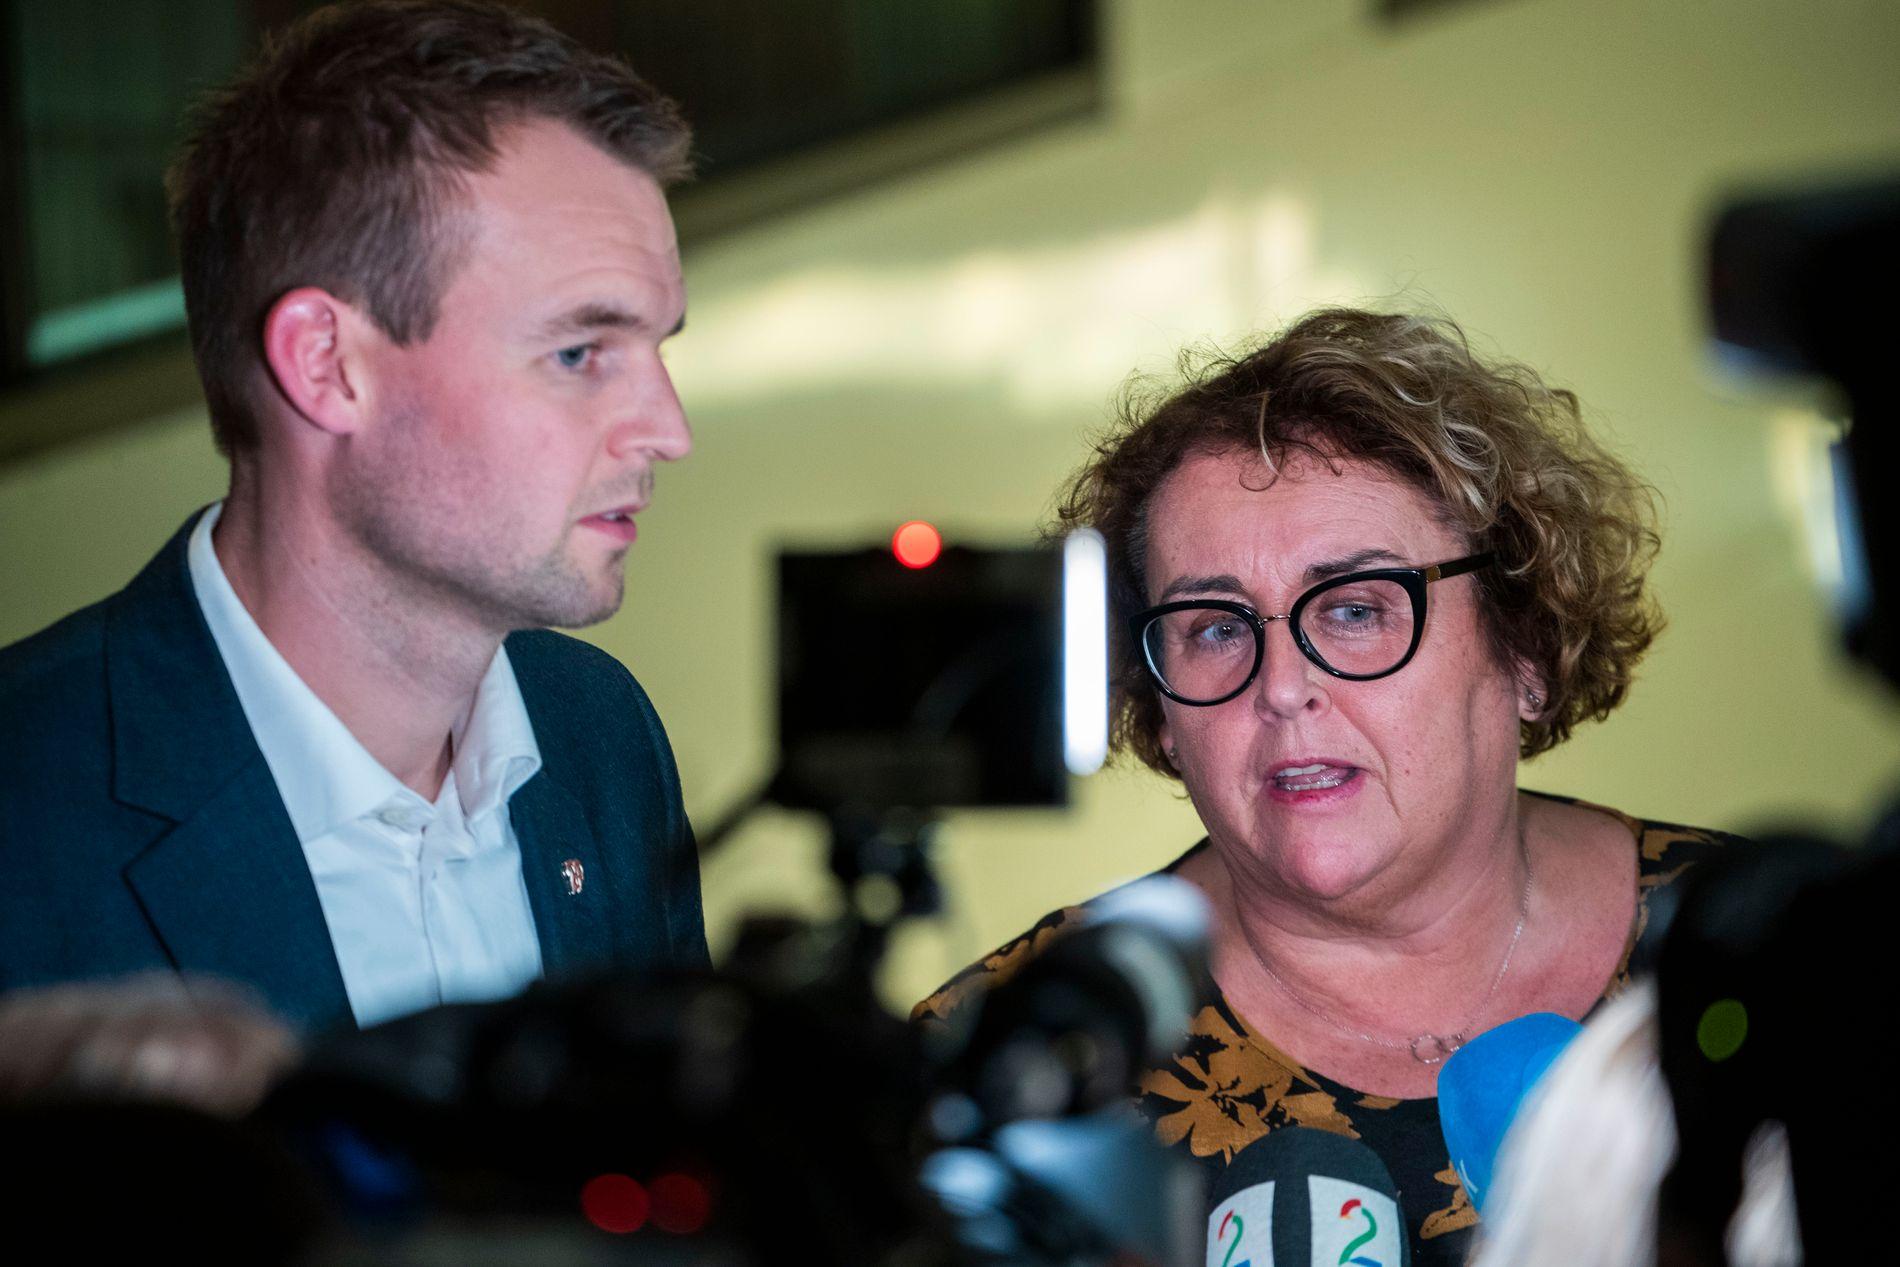 HELSEKRAV: Nestlederne Kjell Ingolf Ropstad og Olaug V. Bollestad vil bruke mer på helse enn det regjeringen legger opp til.